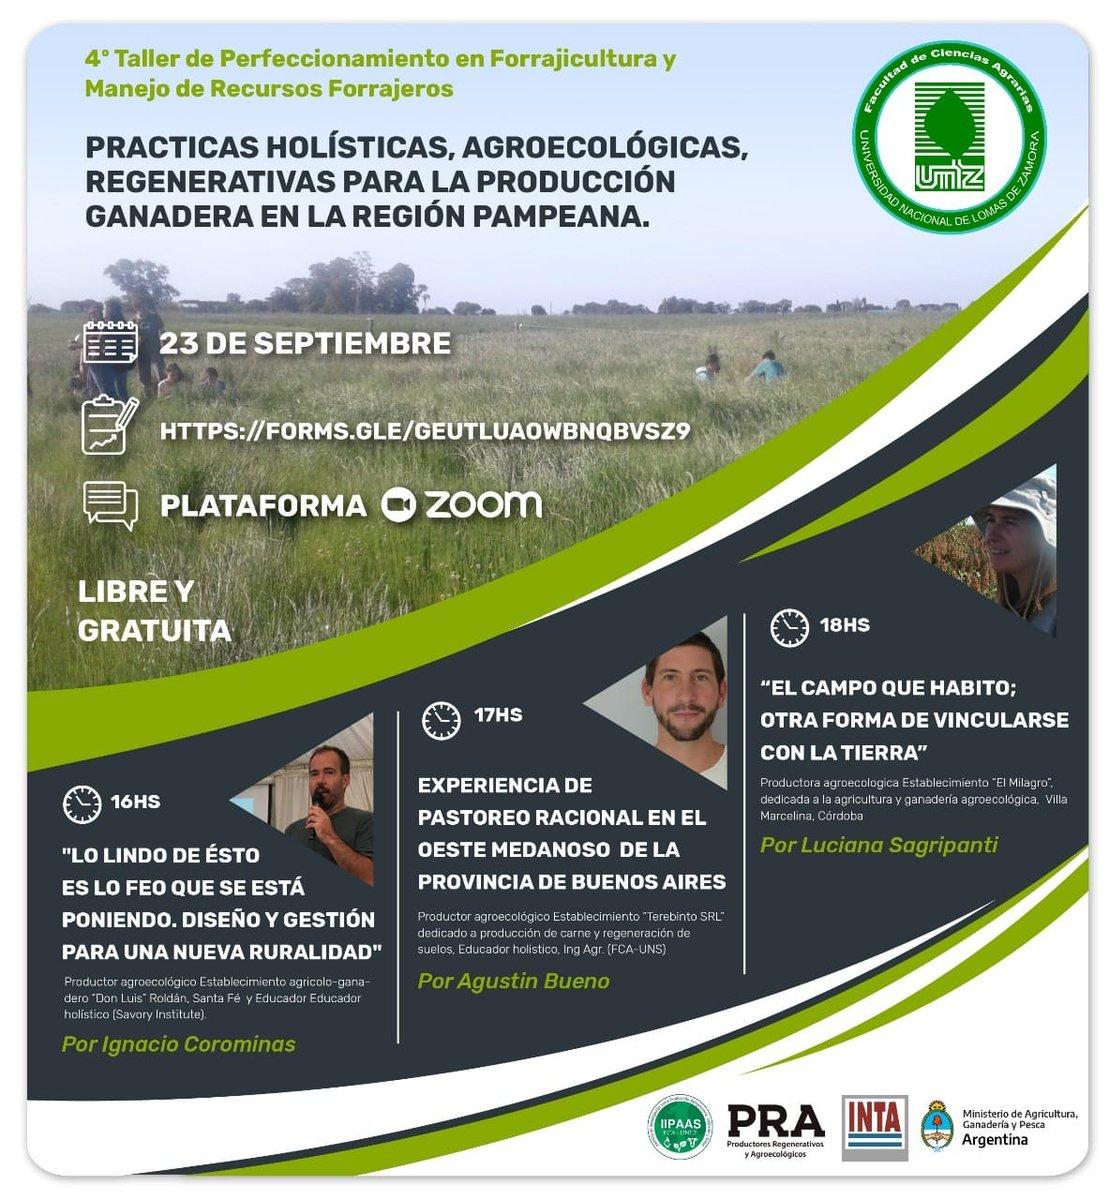 Mañana #ganadería #agroecología https://t.co/5bHkDPXzU4